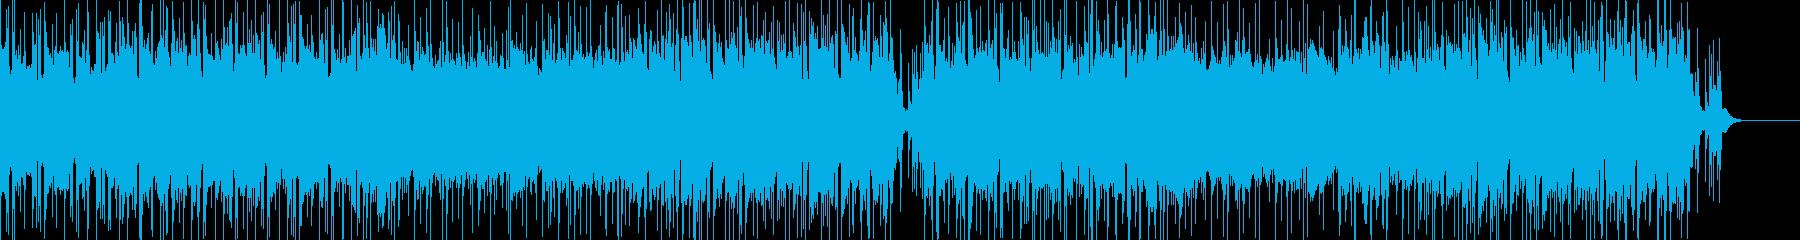 日常感あふれるほのぼのとした楽曲の再生済みの波形